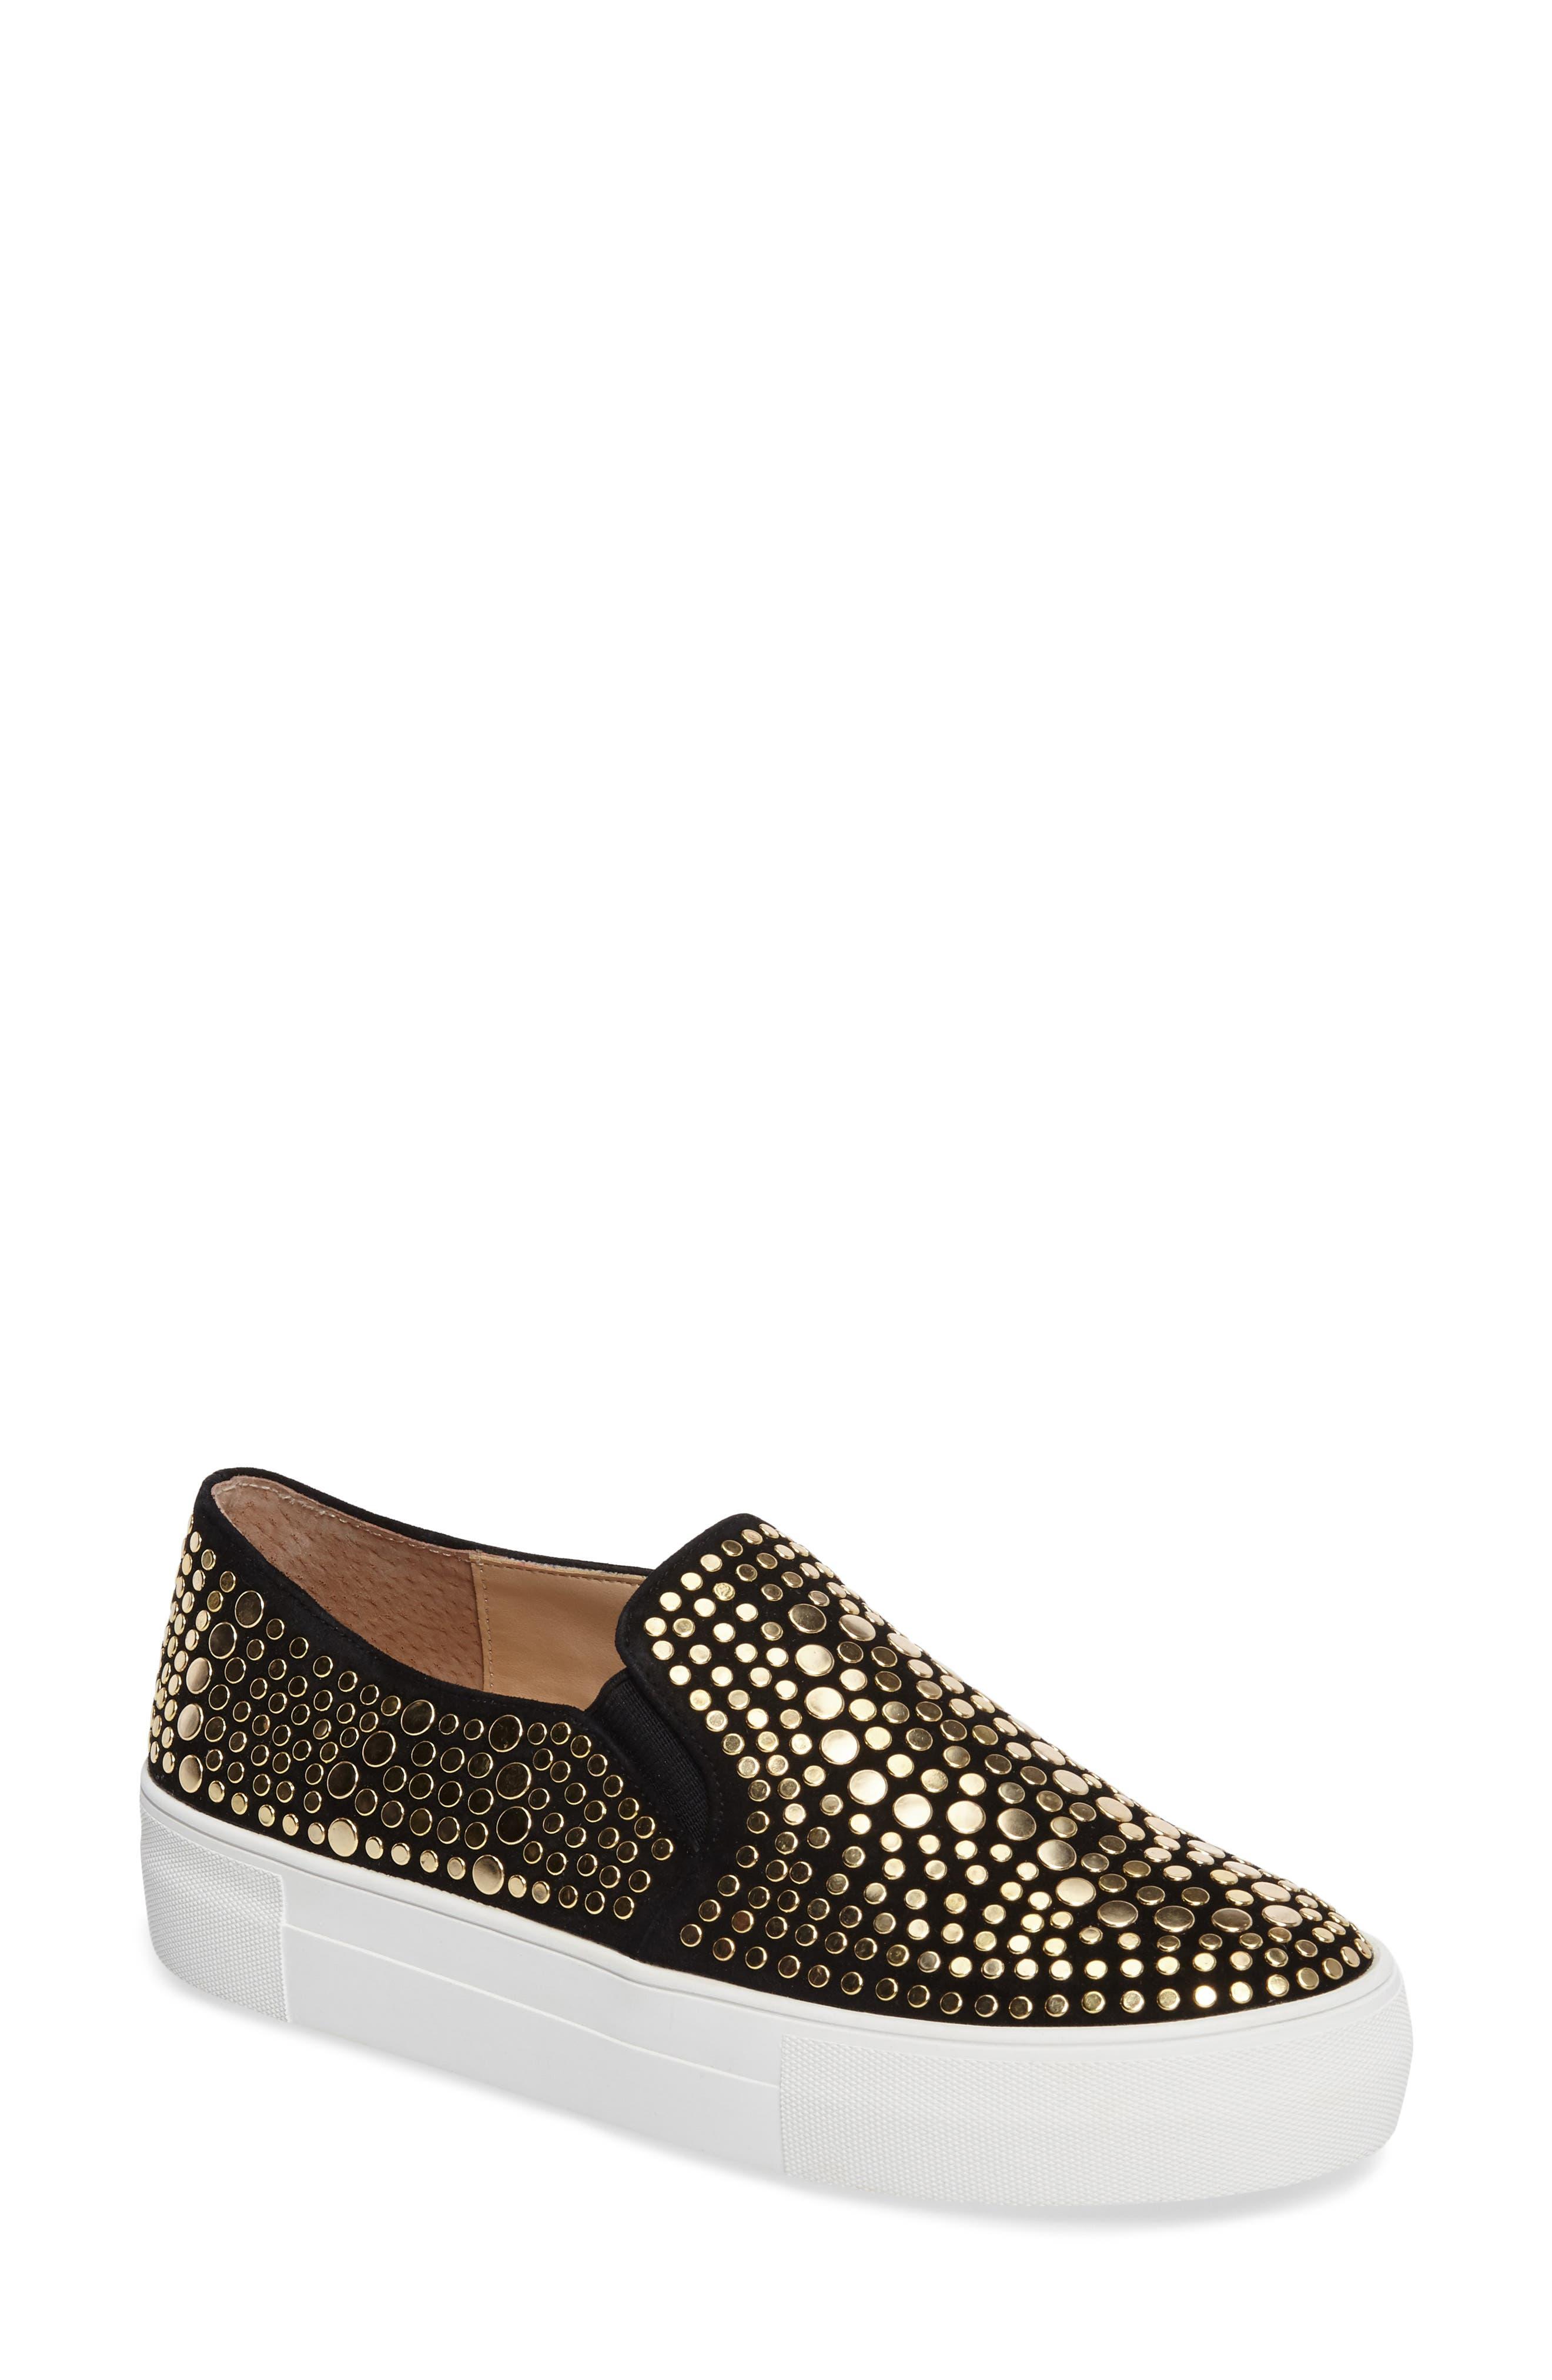 Kindra Stud Slip-On Sneaker,                         Main,                         color, 002